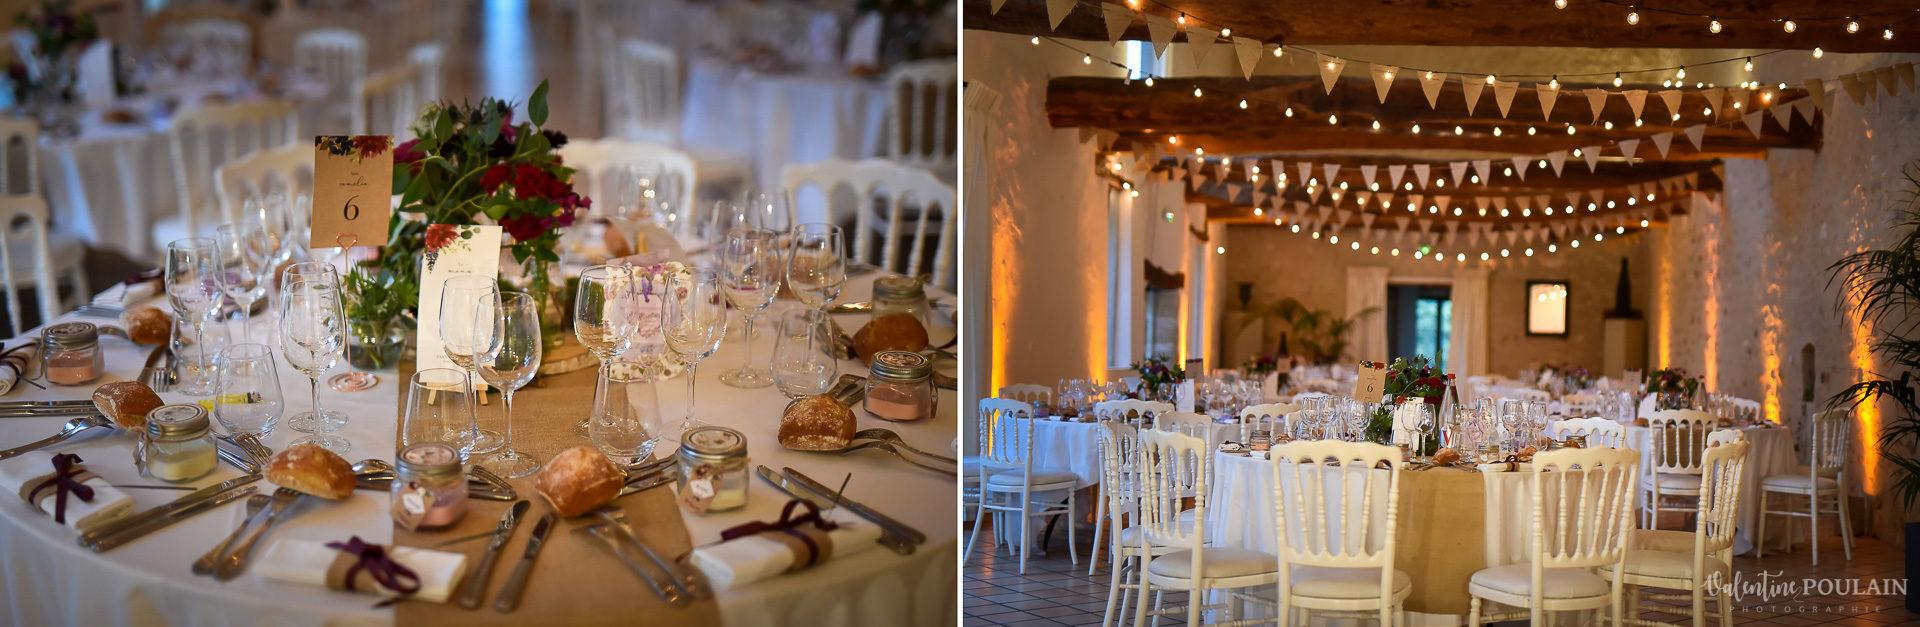 Mariage lieu insolite Paris -Valentine Poulain Domaine de Brunel table